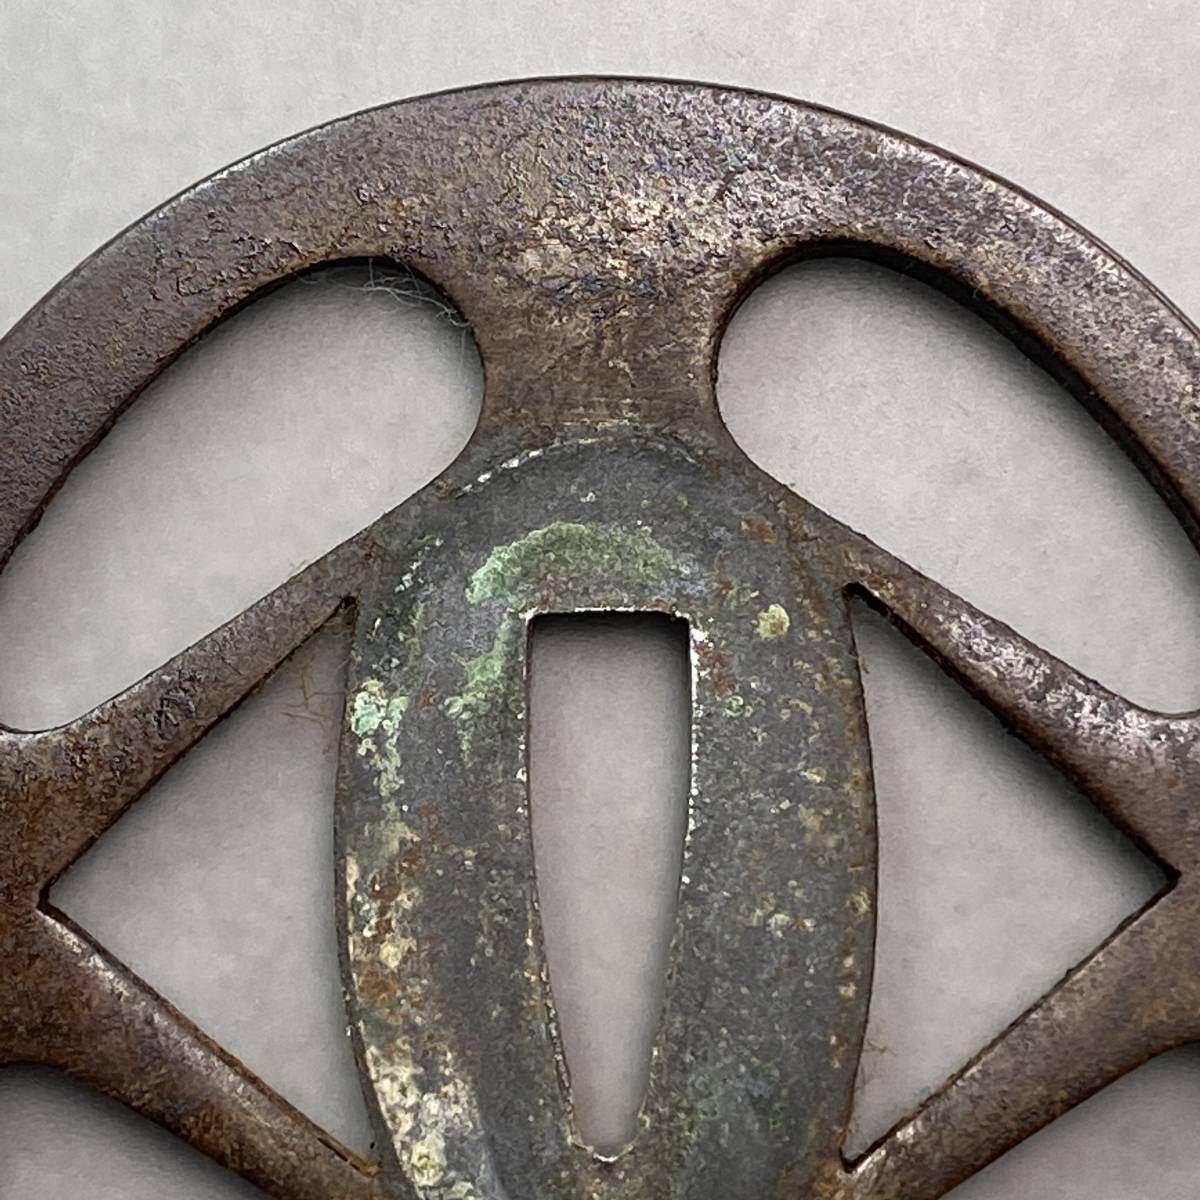 鐔 花輪の図鐔 刀装具 _画像5